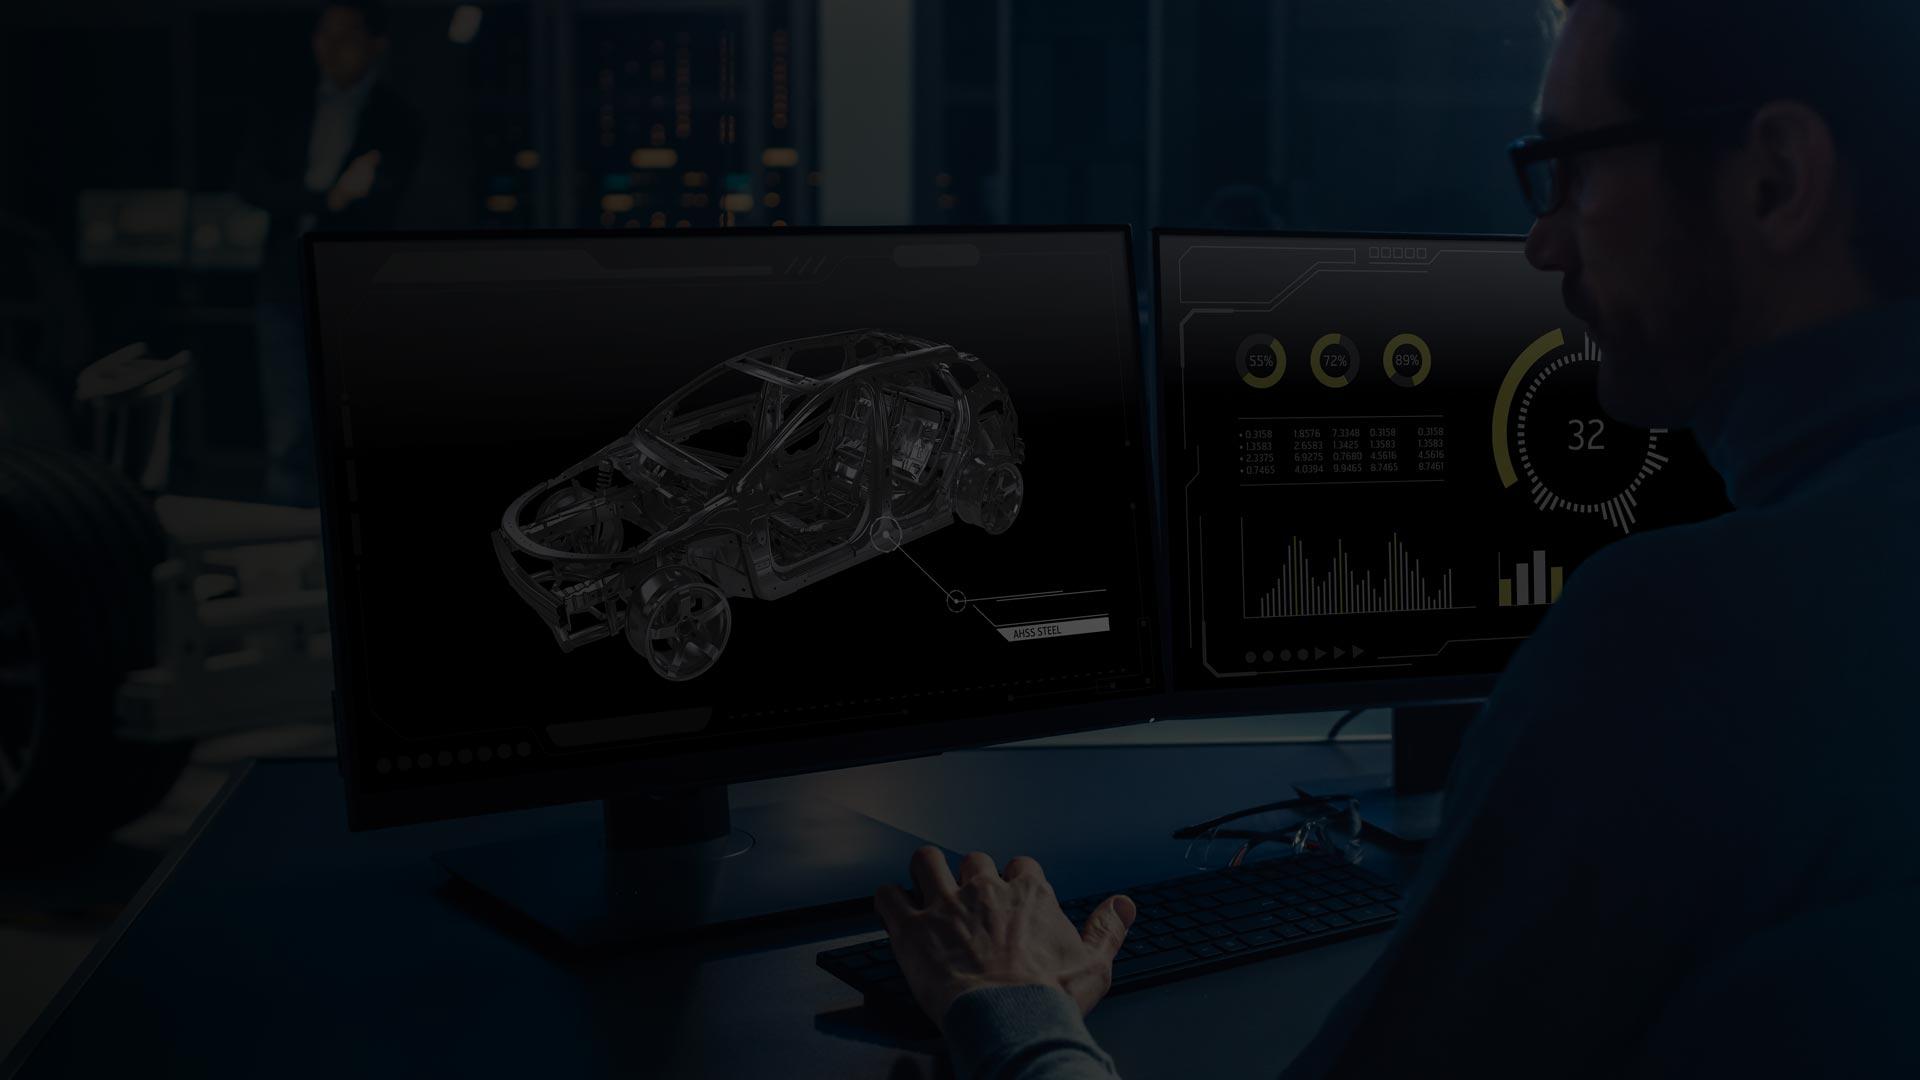 Docol-sisällöt autoteollisuuden tarpeisiin